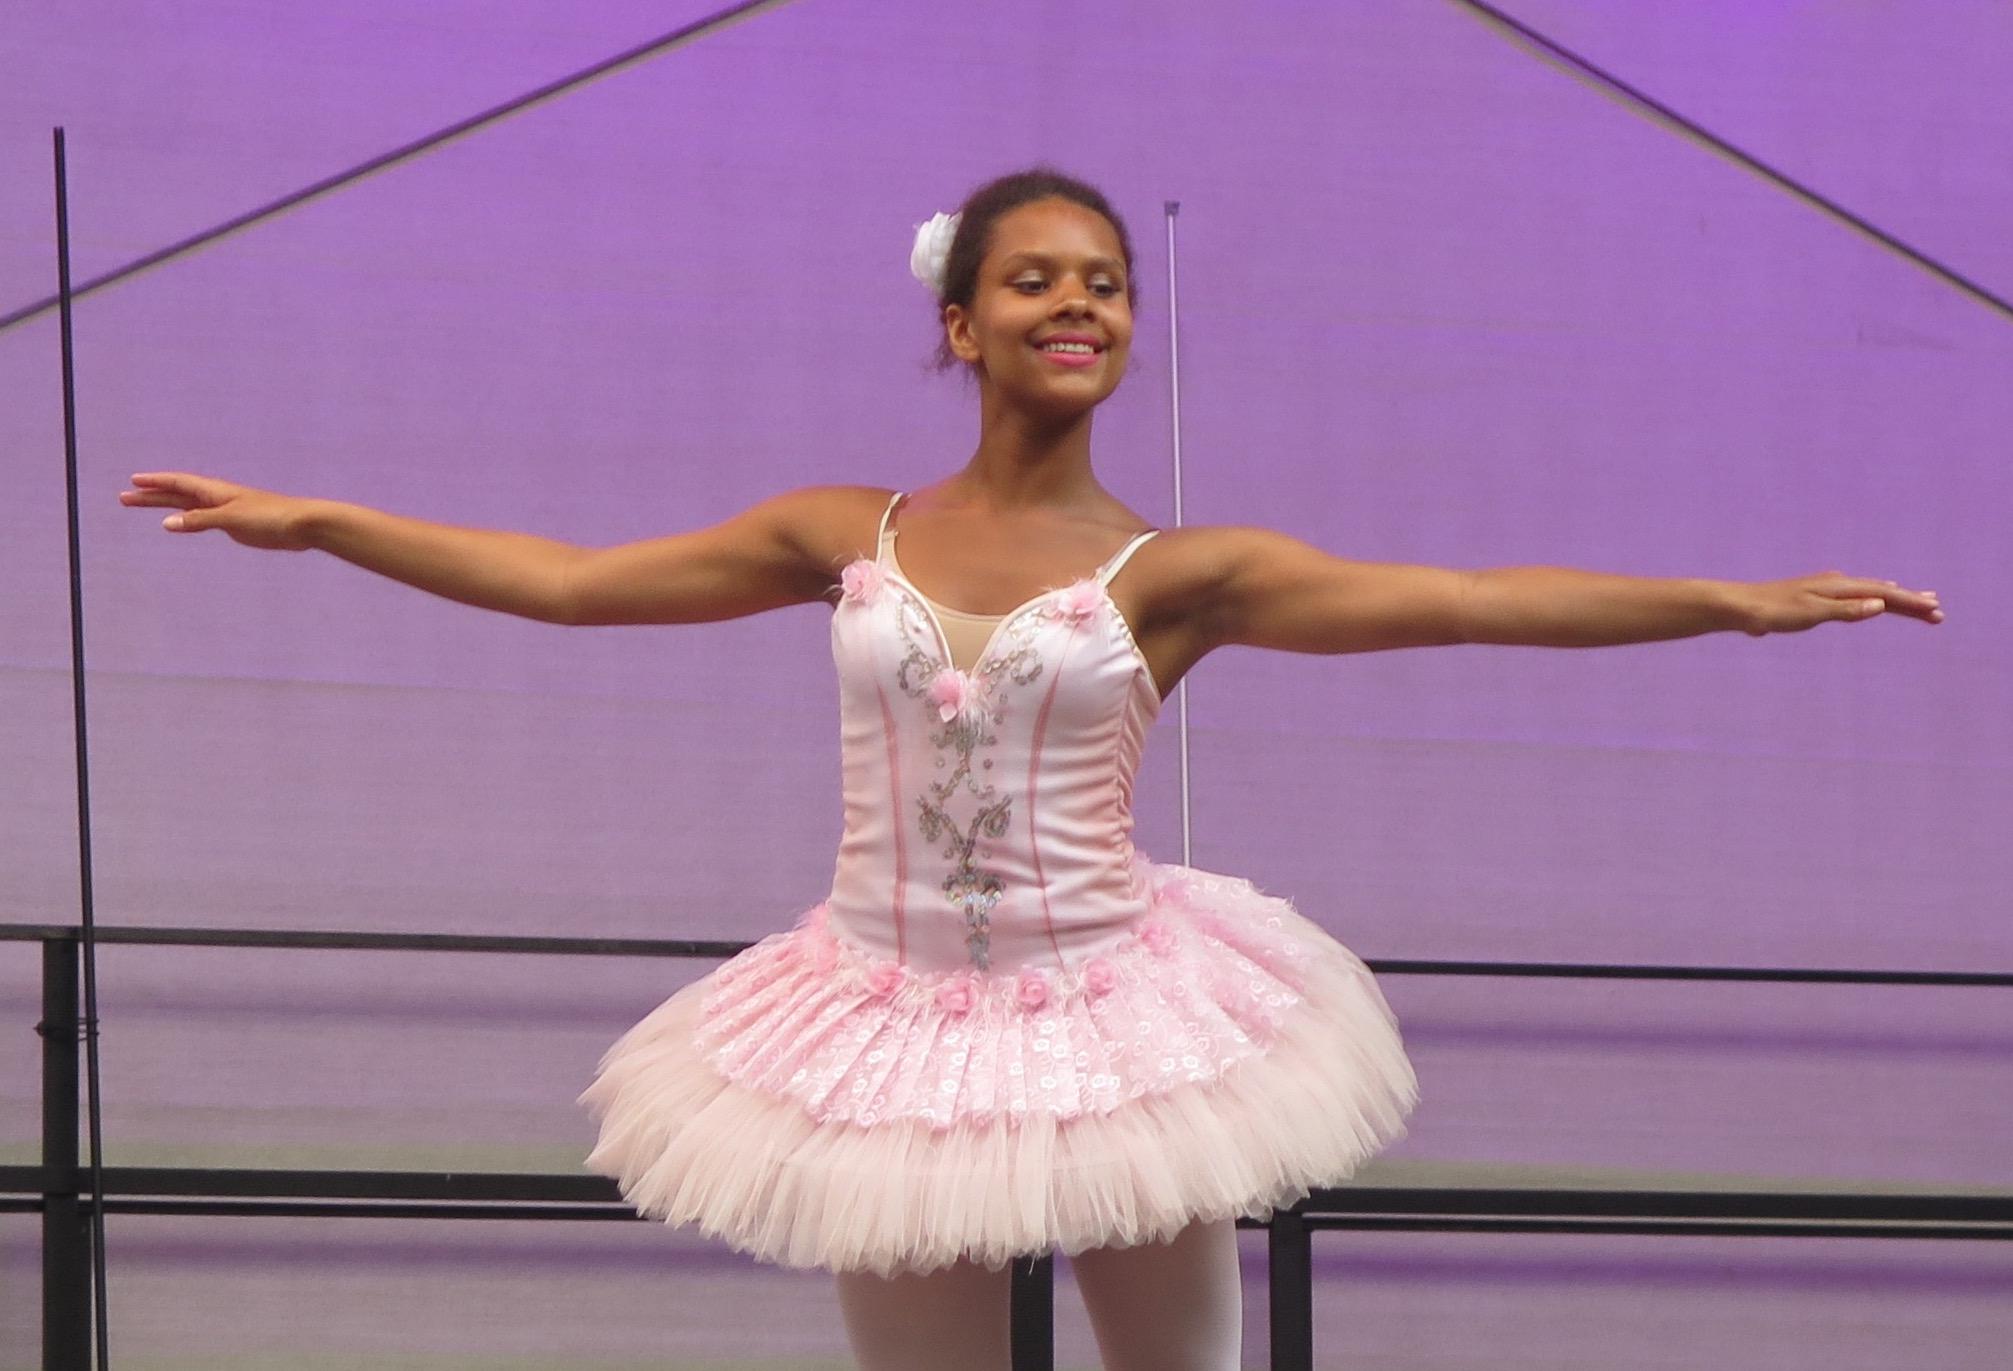 Ab 17.10 Uhr verzücken die Tänzerinnen das Publikum auf dem Fritz-Lang-Platz.